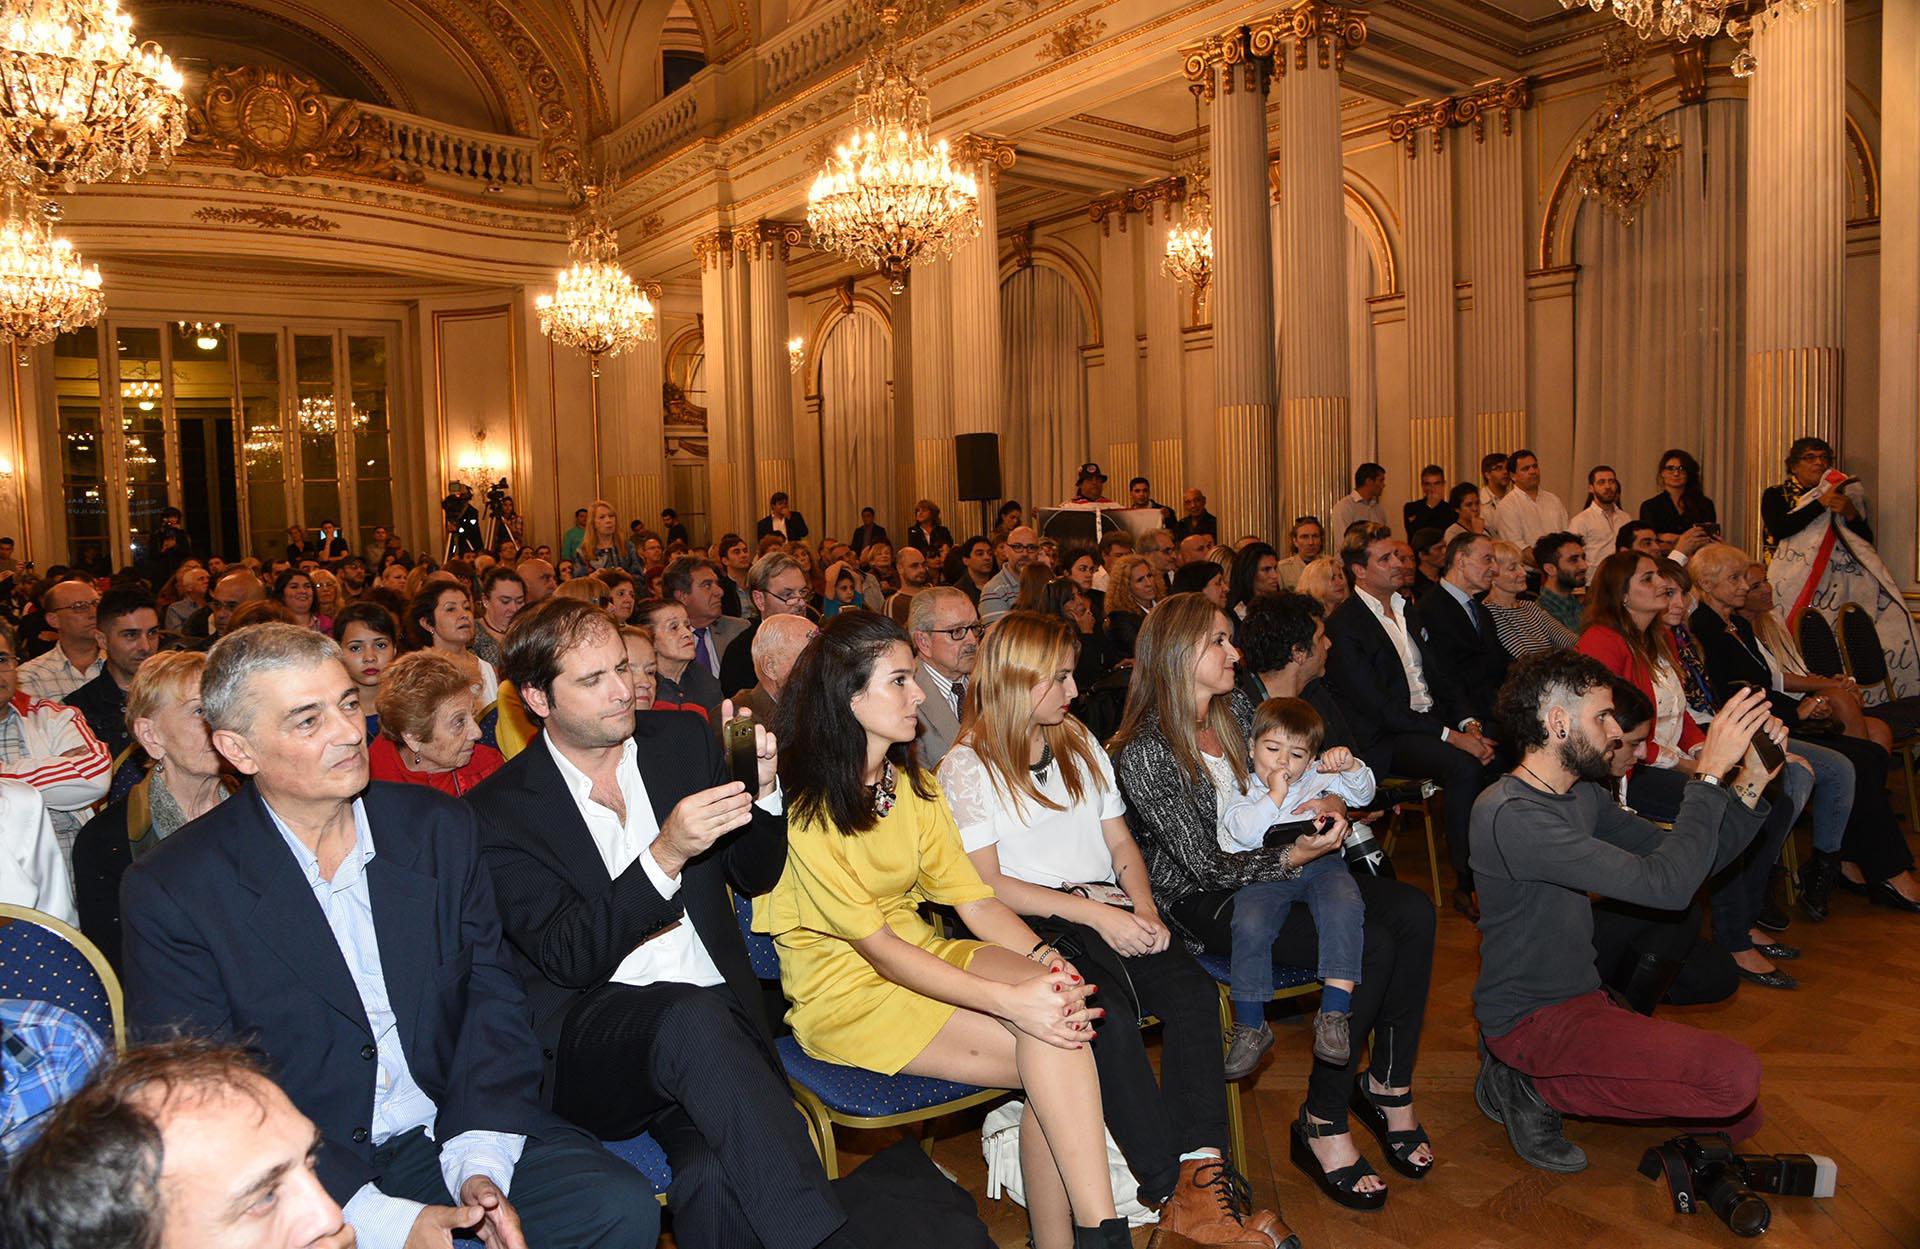 Participaron del evento José María Listorti y Tristán. Además, enviaron sus mensajes a través de videos las Trillizas de Oro, Edith Hermida y el conductor infantil Topa